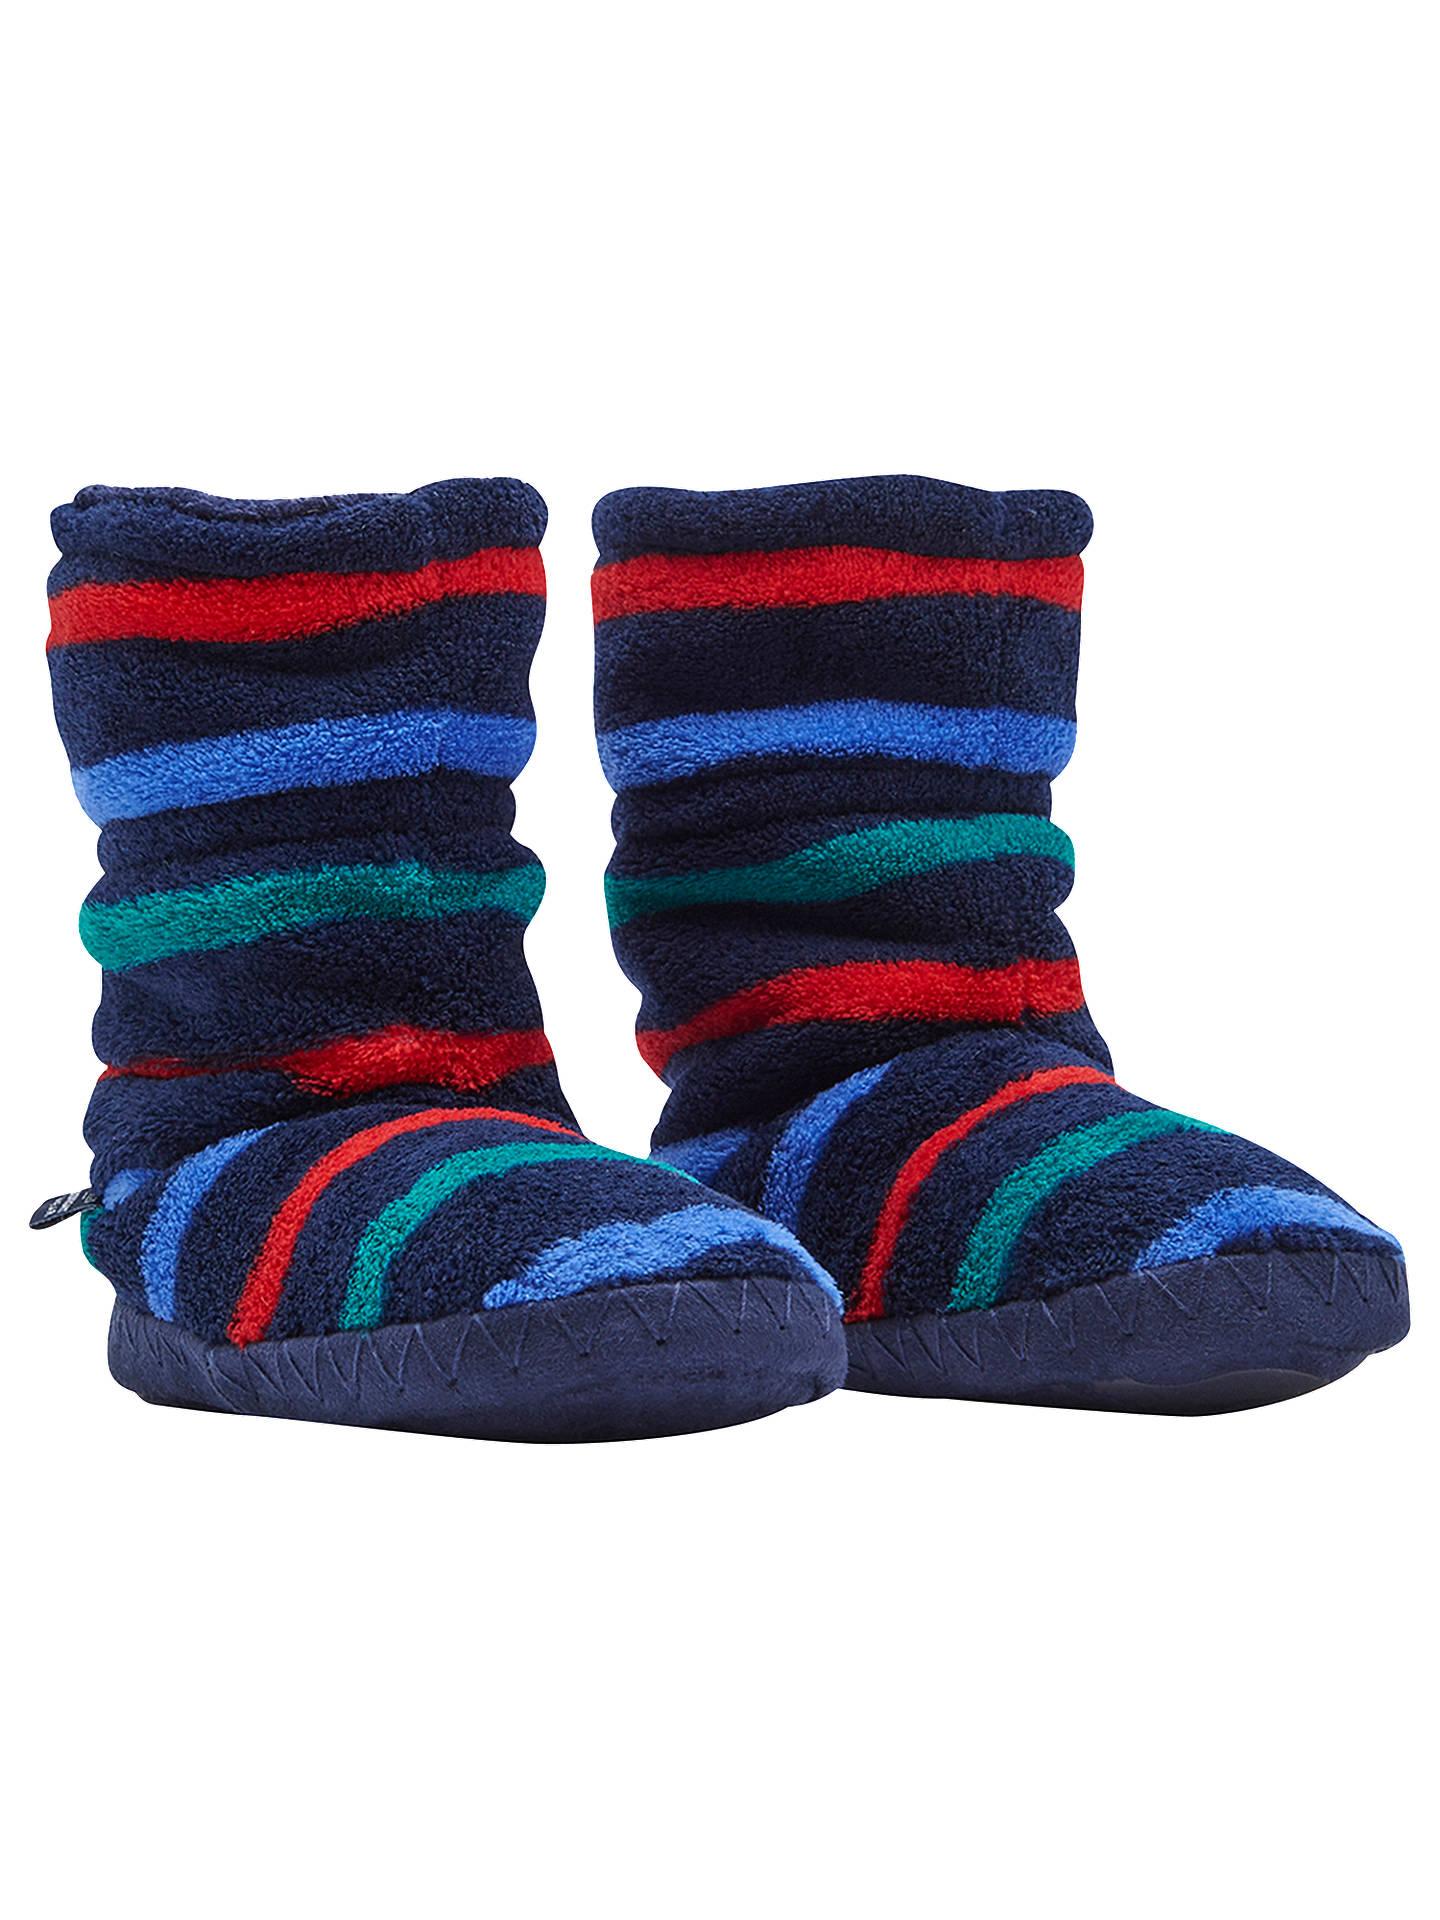 Joules jnr slipper sock cream multi stripes